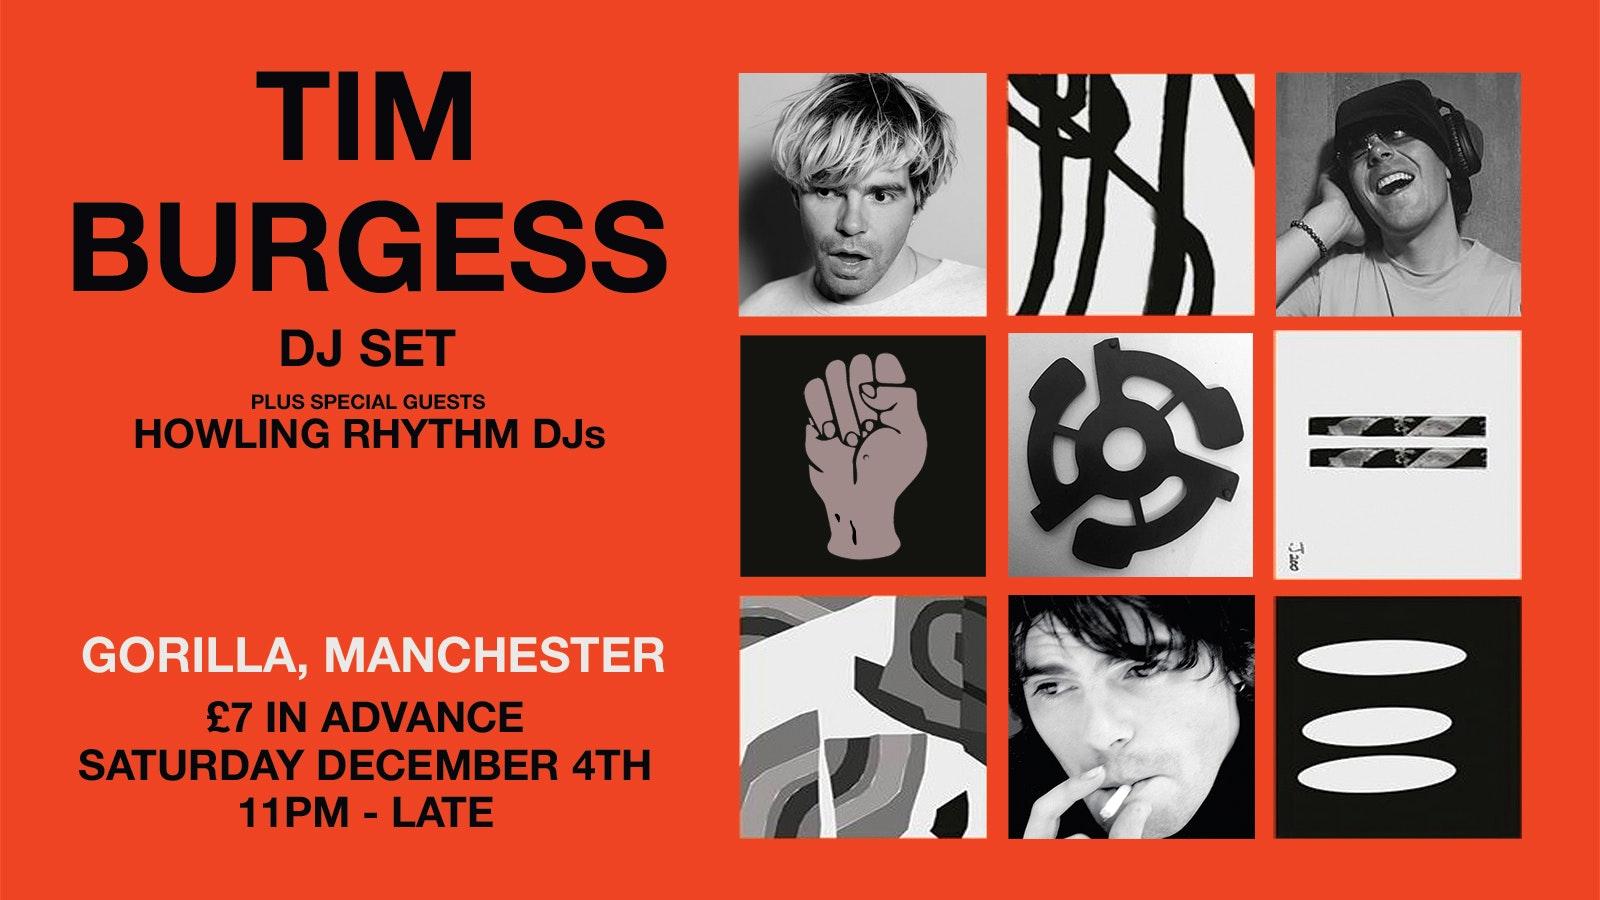 Tim Burgess DJ set